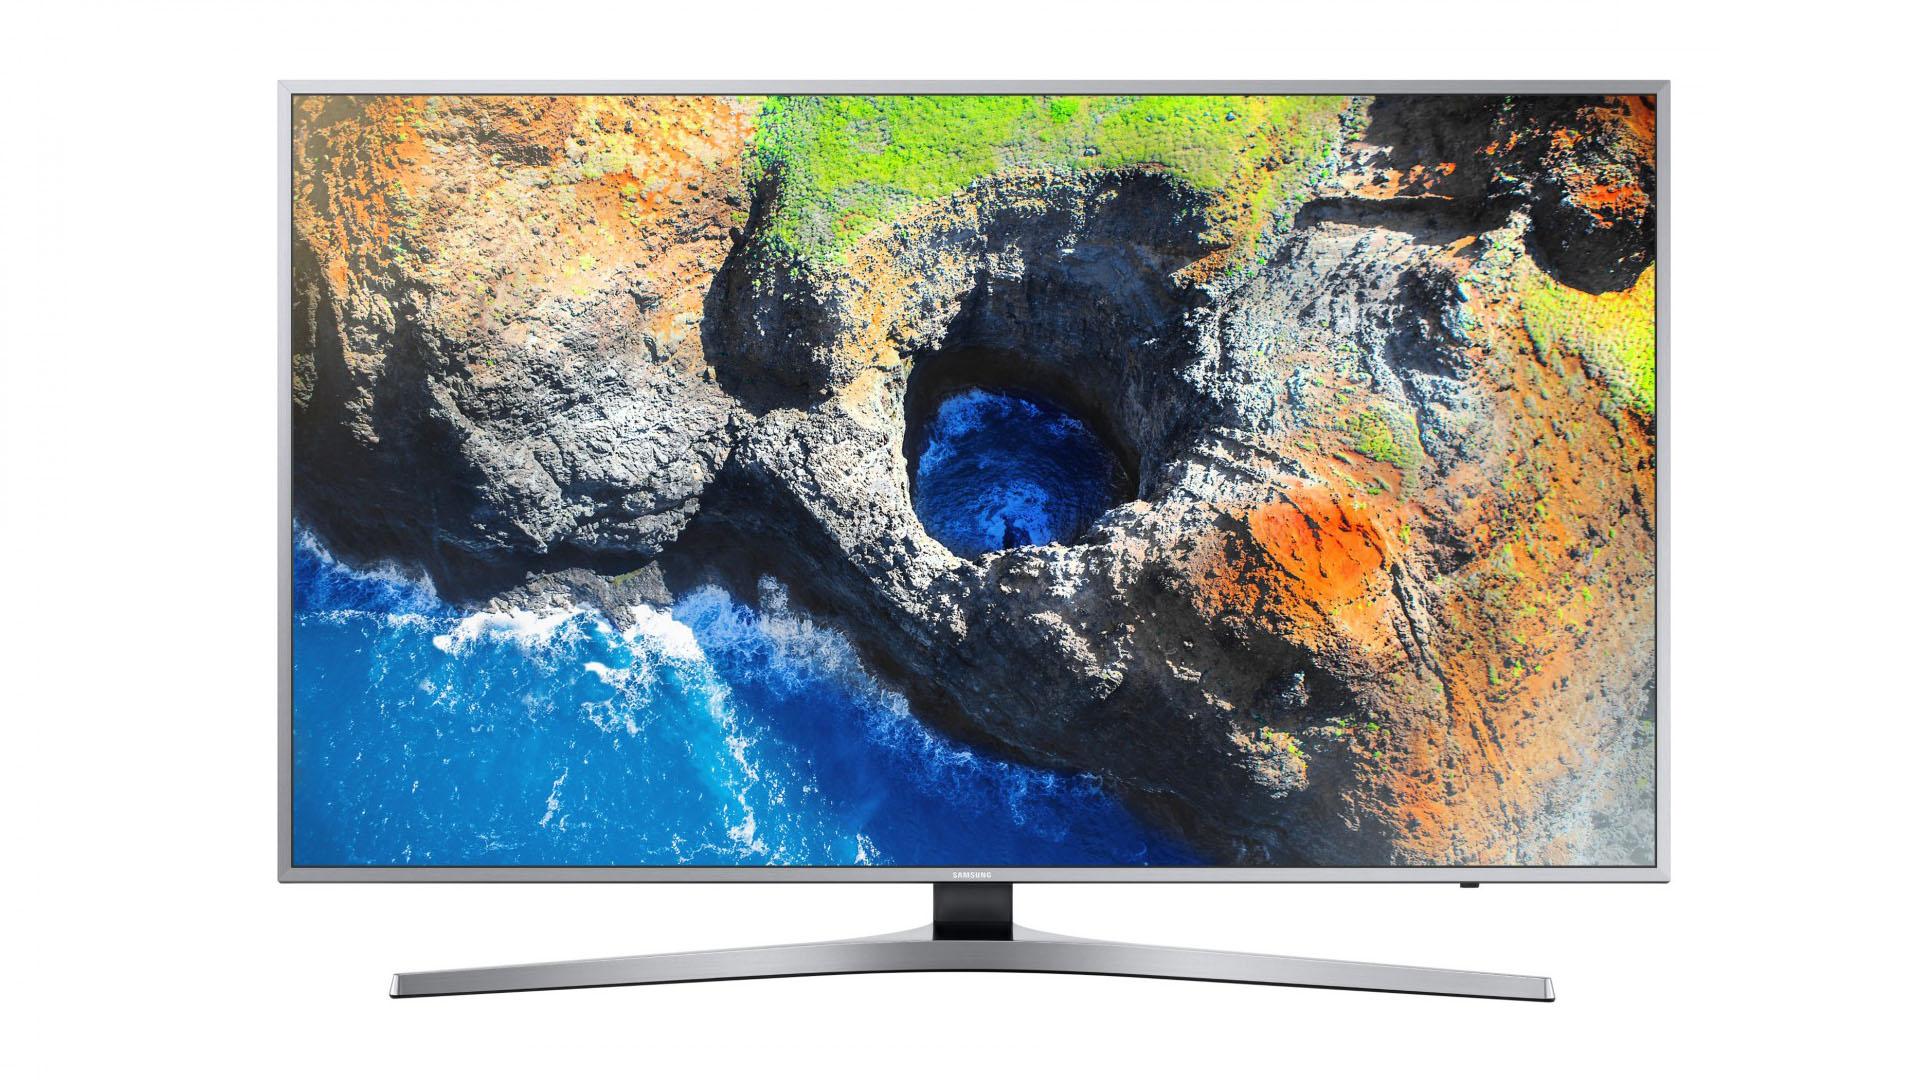 Najlepiej sprzedające się modele telewizorów Samsung